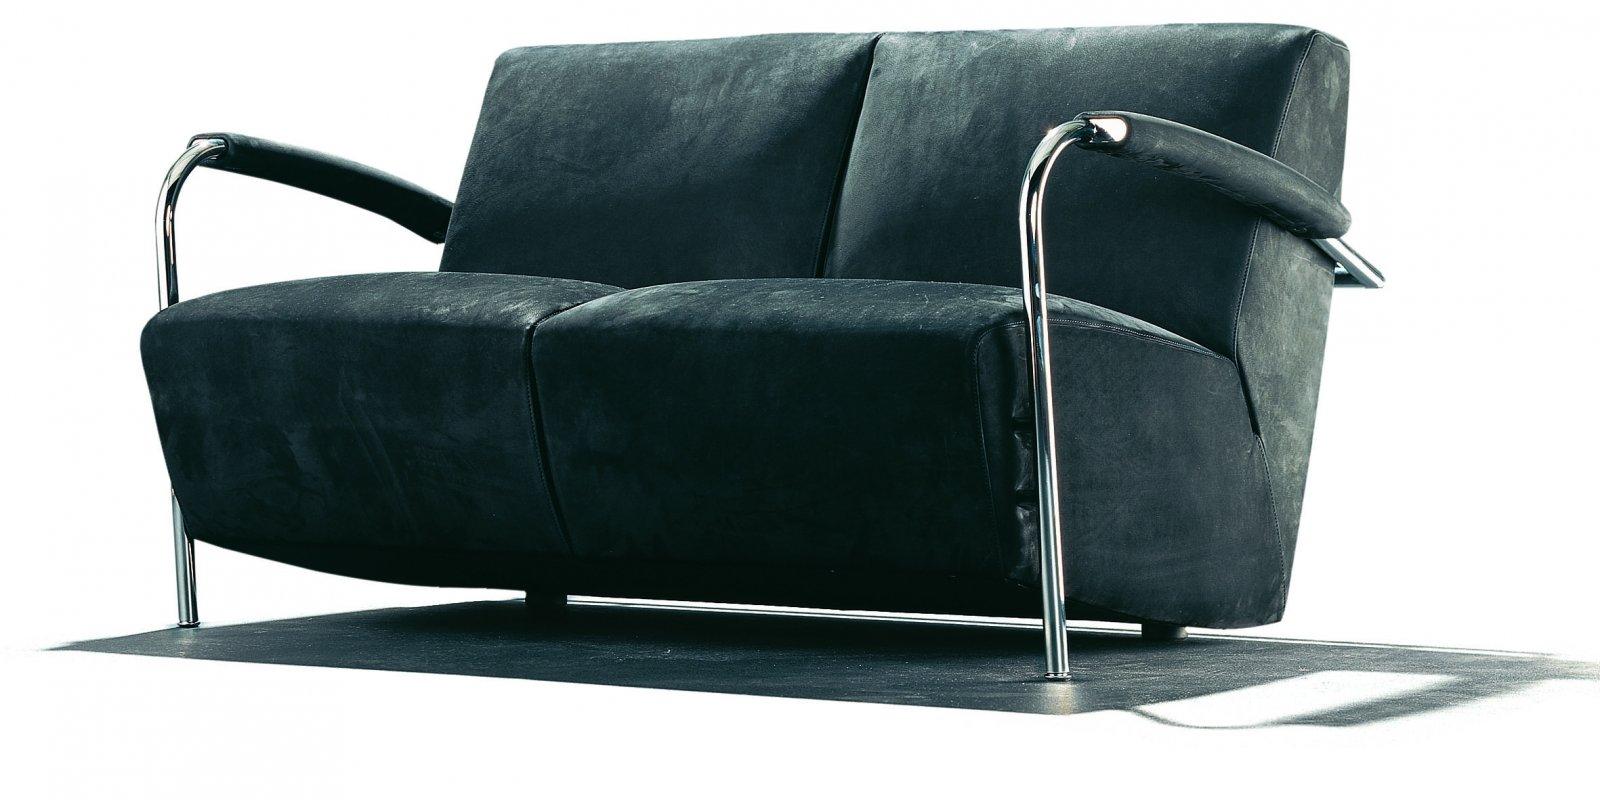 Design Möbel Sessel 60er Teak Sessel Danish Design 60s Easy Chair